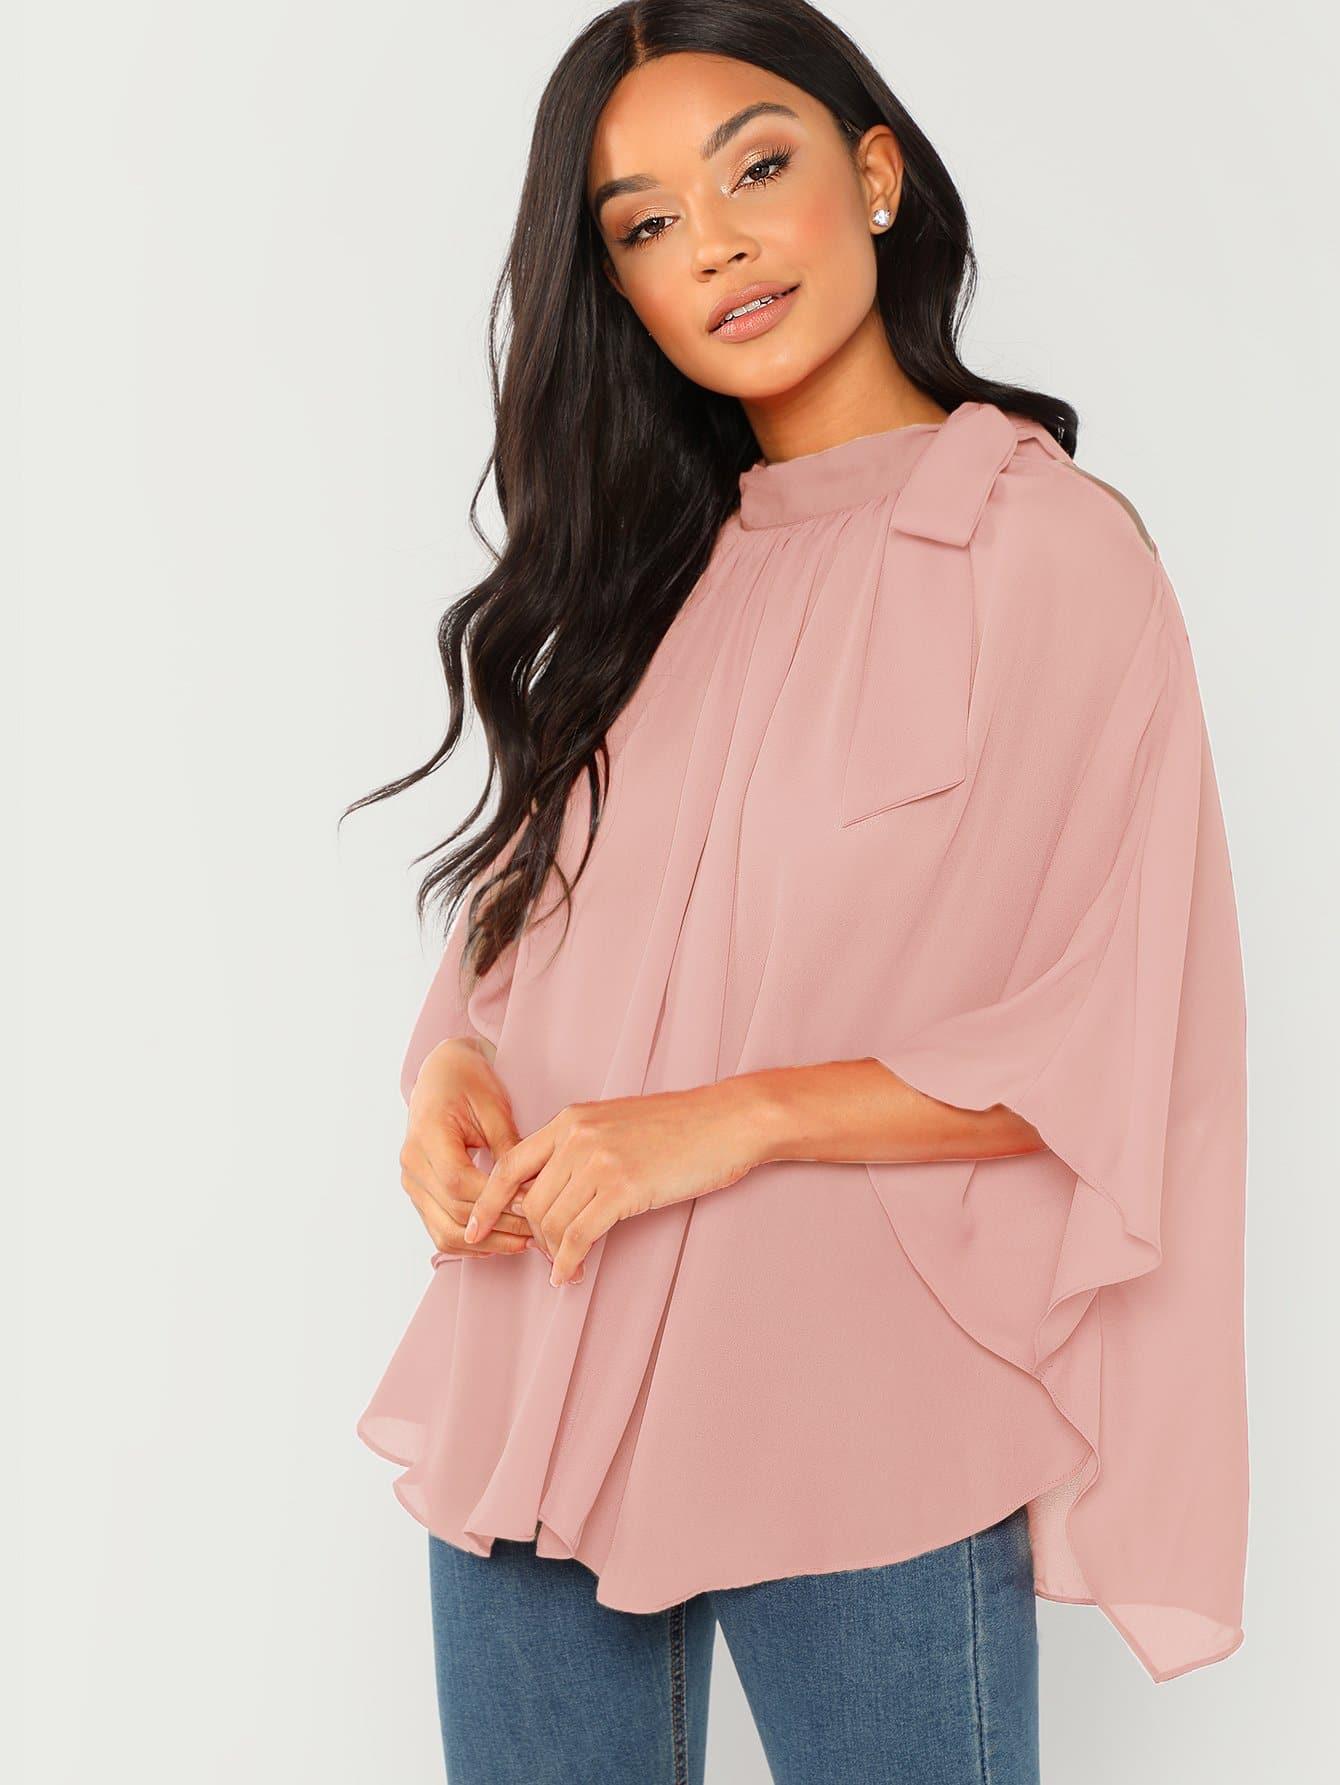 Фото - Шифоновая блузка лук связали шеи от SheIn розового цвета